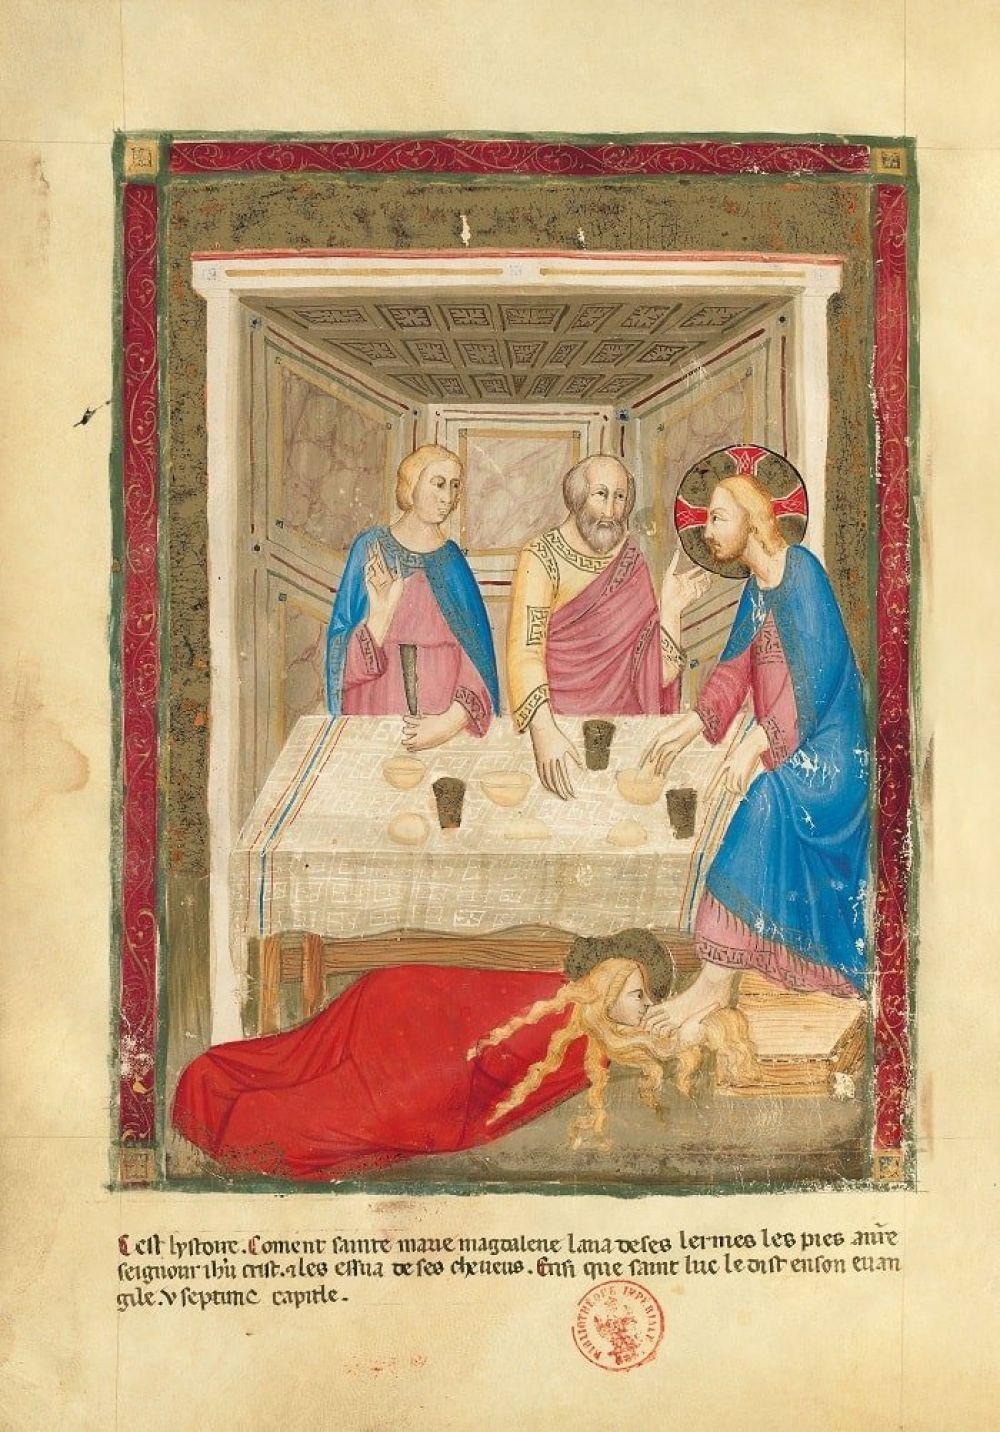 Bible moralisée de Naples f. 160v : Lavement des pieds du Christ par Marie-Madeleine(Lc 7, 38)